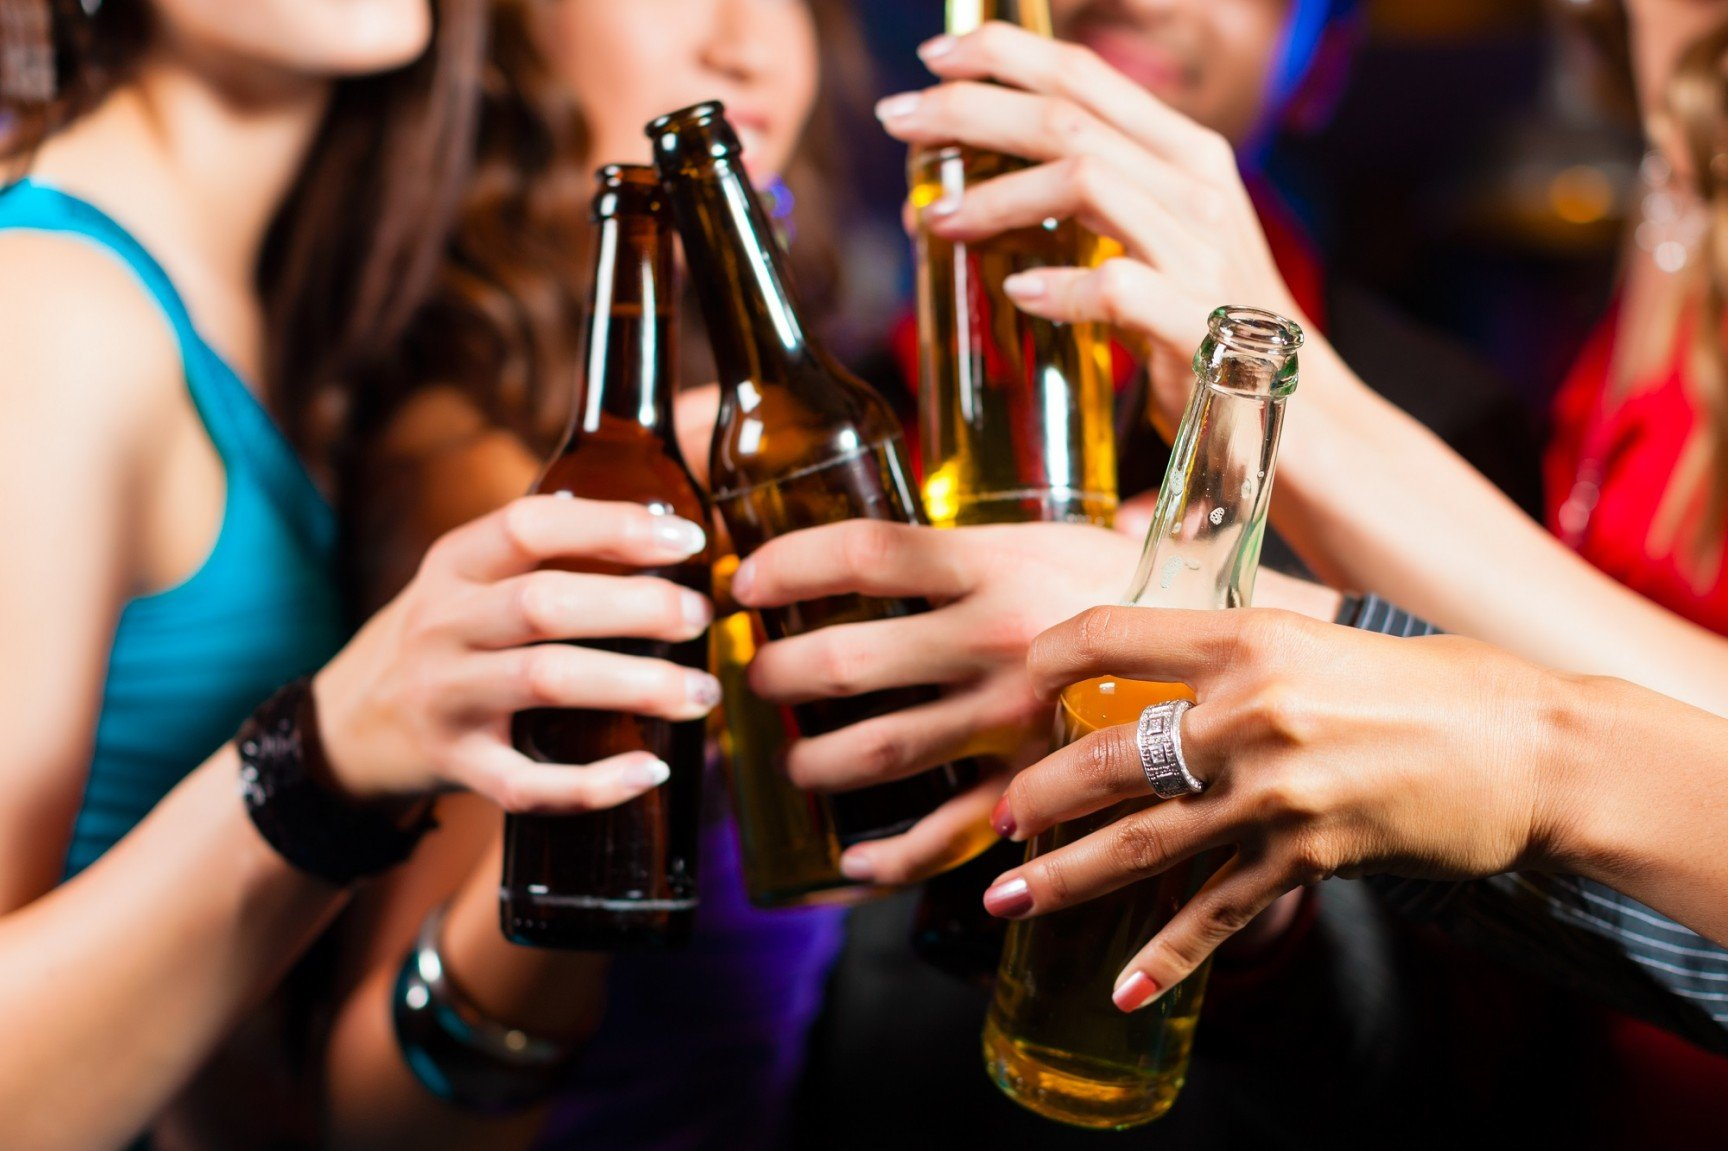 Алкоголизм коньяк детский алкоголизм в истории россии